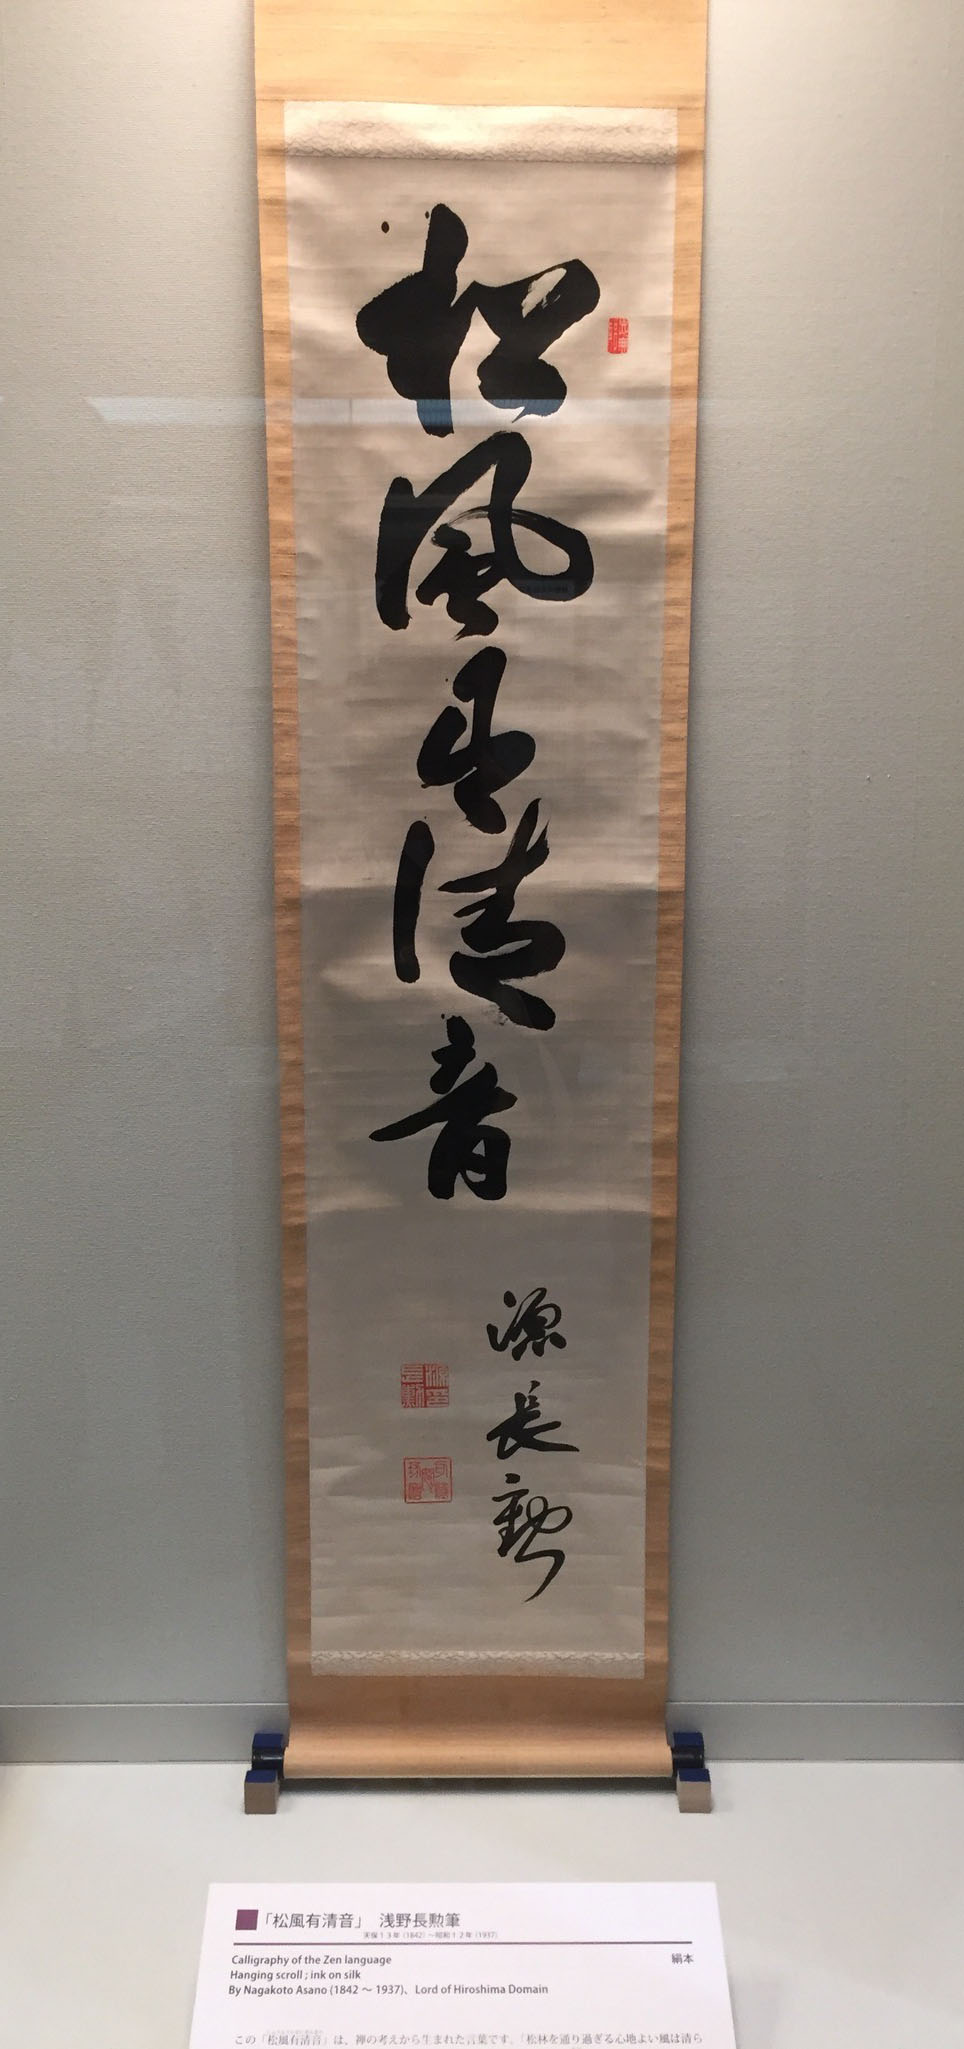 Shodo ist nicht einfach nur Schrift, sondern eine der ältesten Künste Japans. Hier sieht man ein Werk von Nagakoto Asano (1842-1937), der Feudalherr von Hiroshima, war.